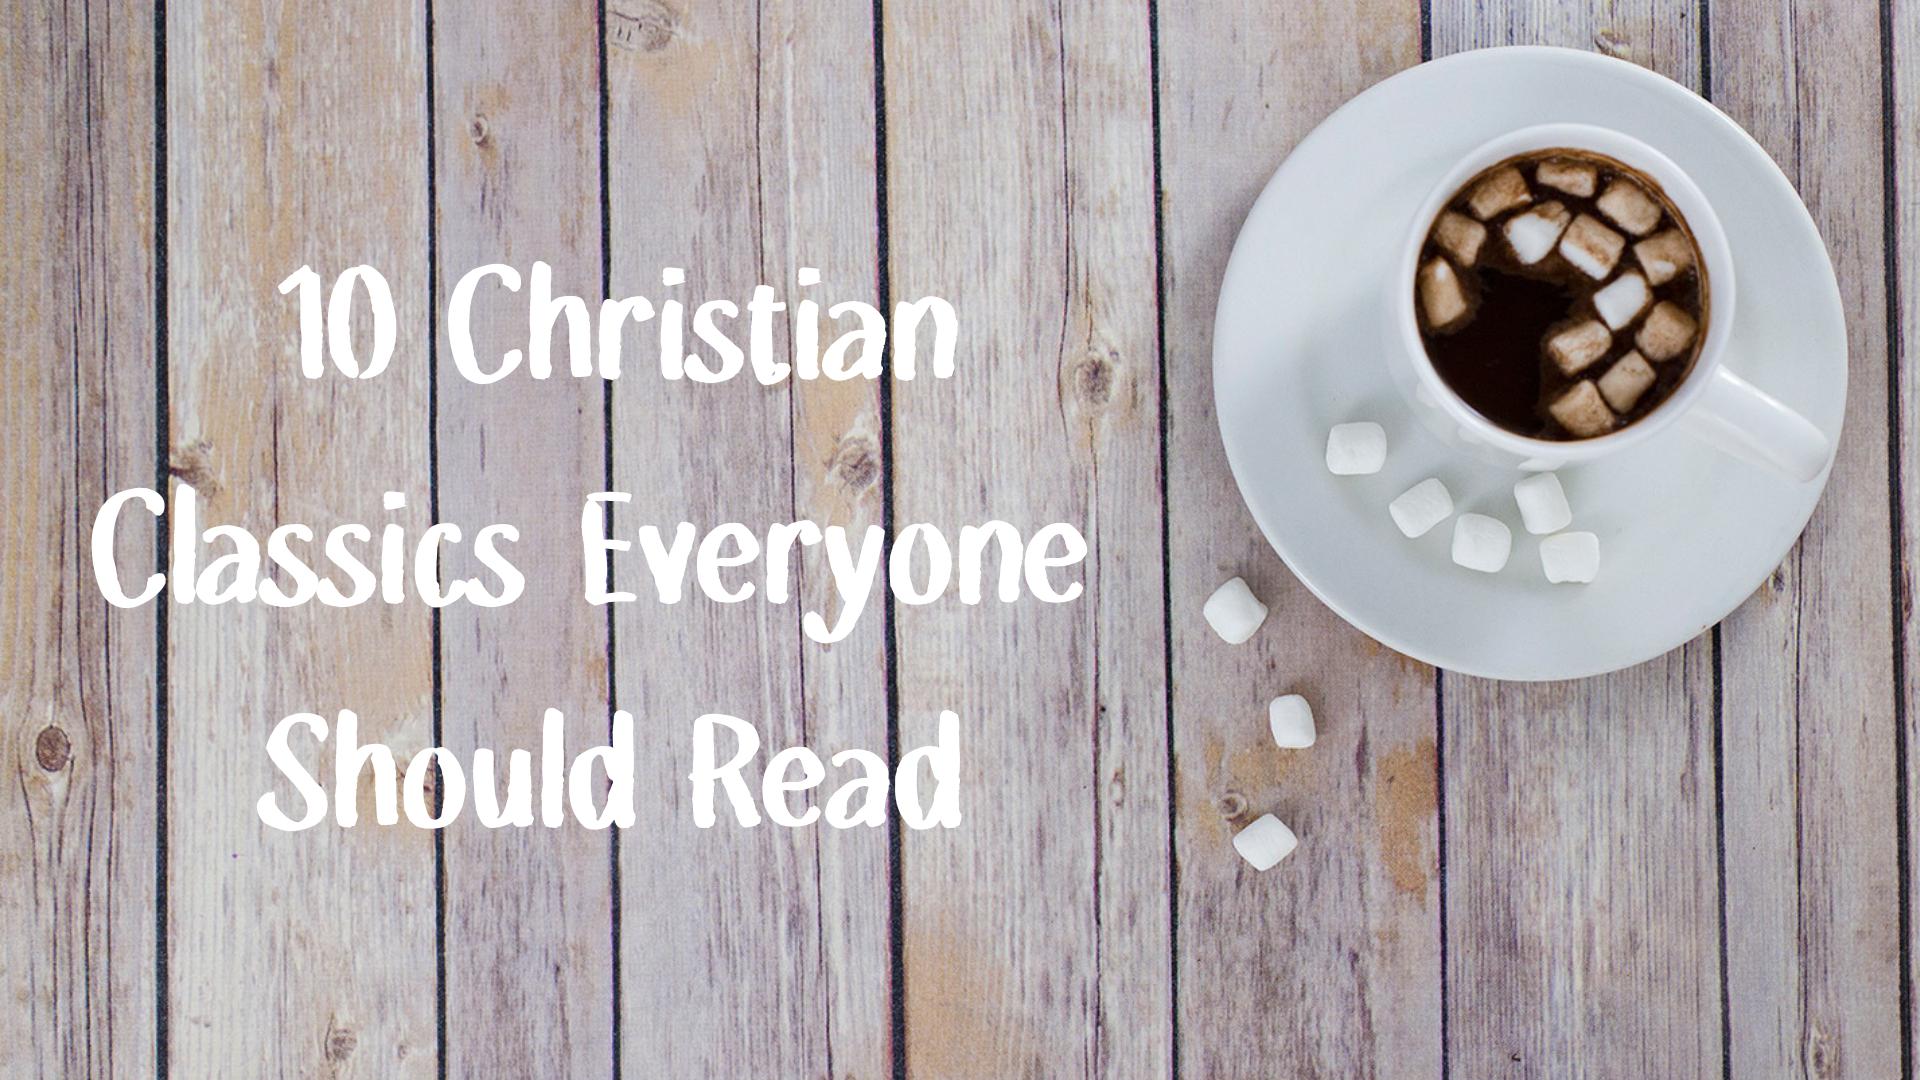 10 Christian classics everyone should read